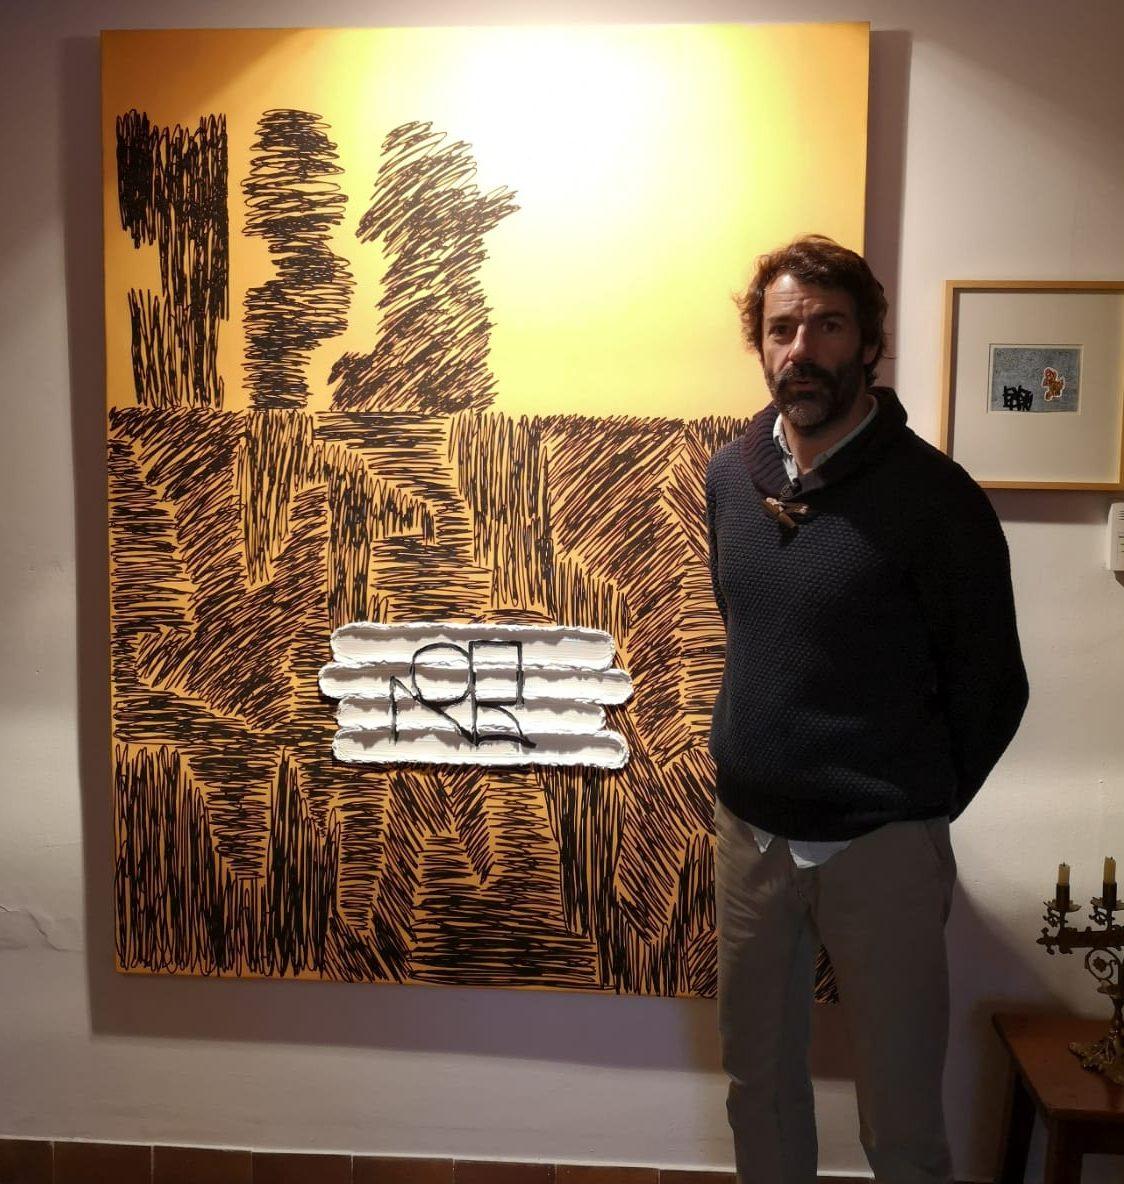 Eduardo Barco Colección Mer Museo Esteban Vicente